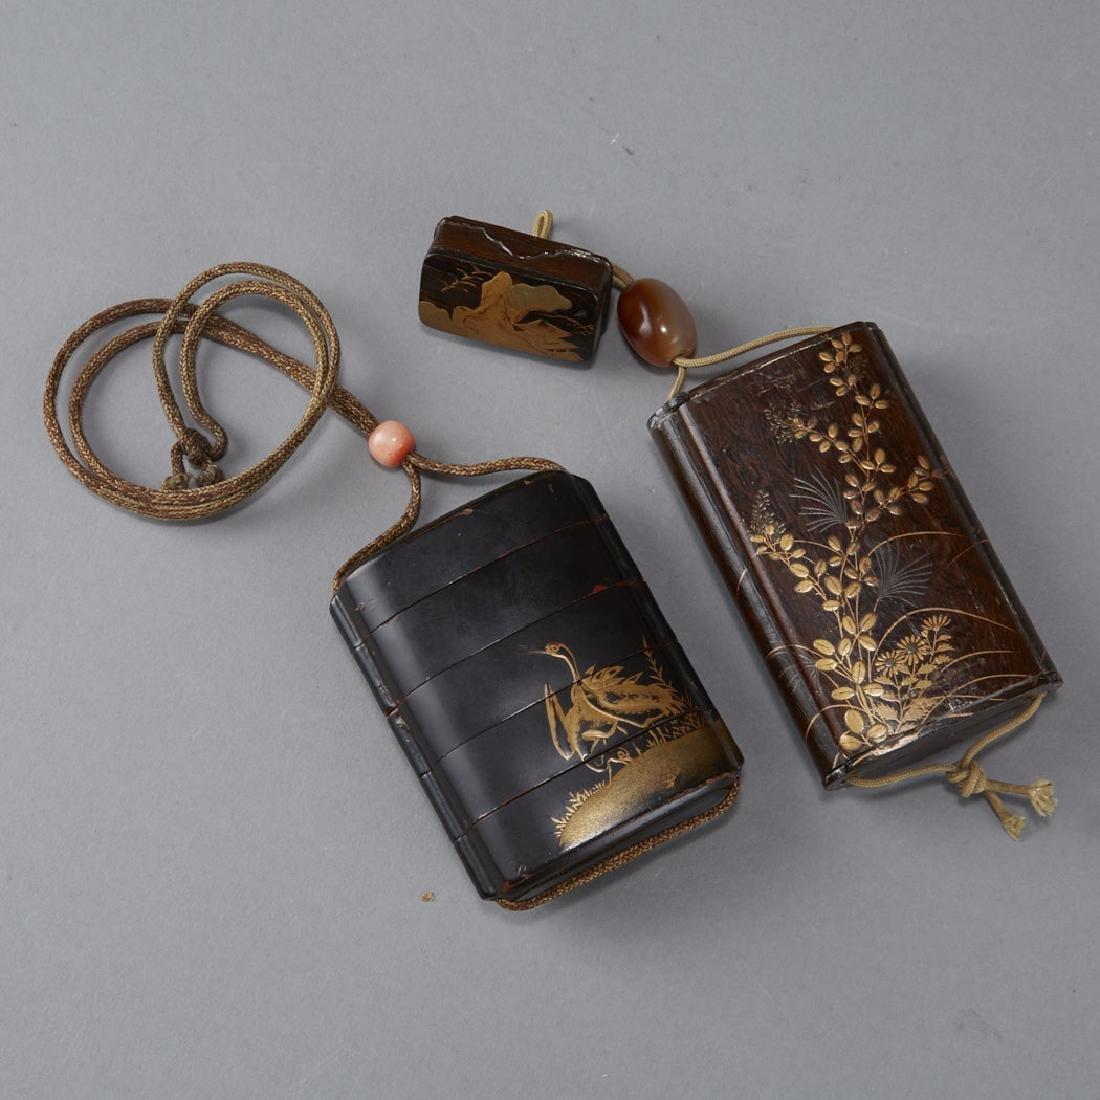 2 Edo Period Japanese Lacquer Inro - BTC Acpt